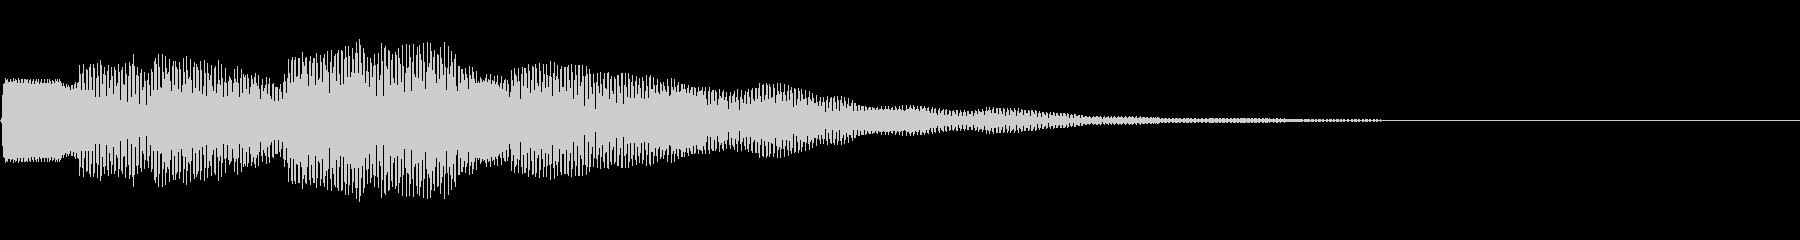 テュルル:アナウンス・呼び出し・案内bの未再生の波形